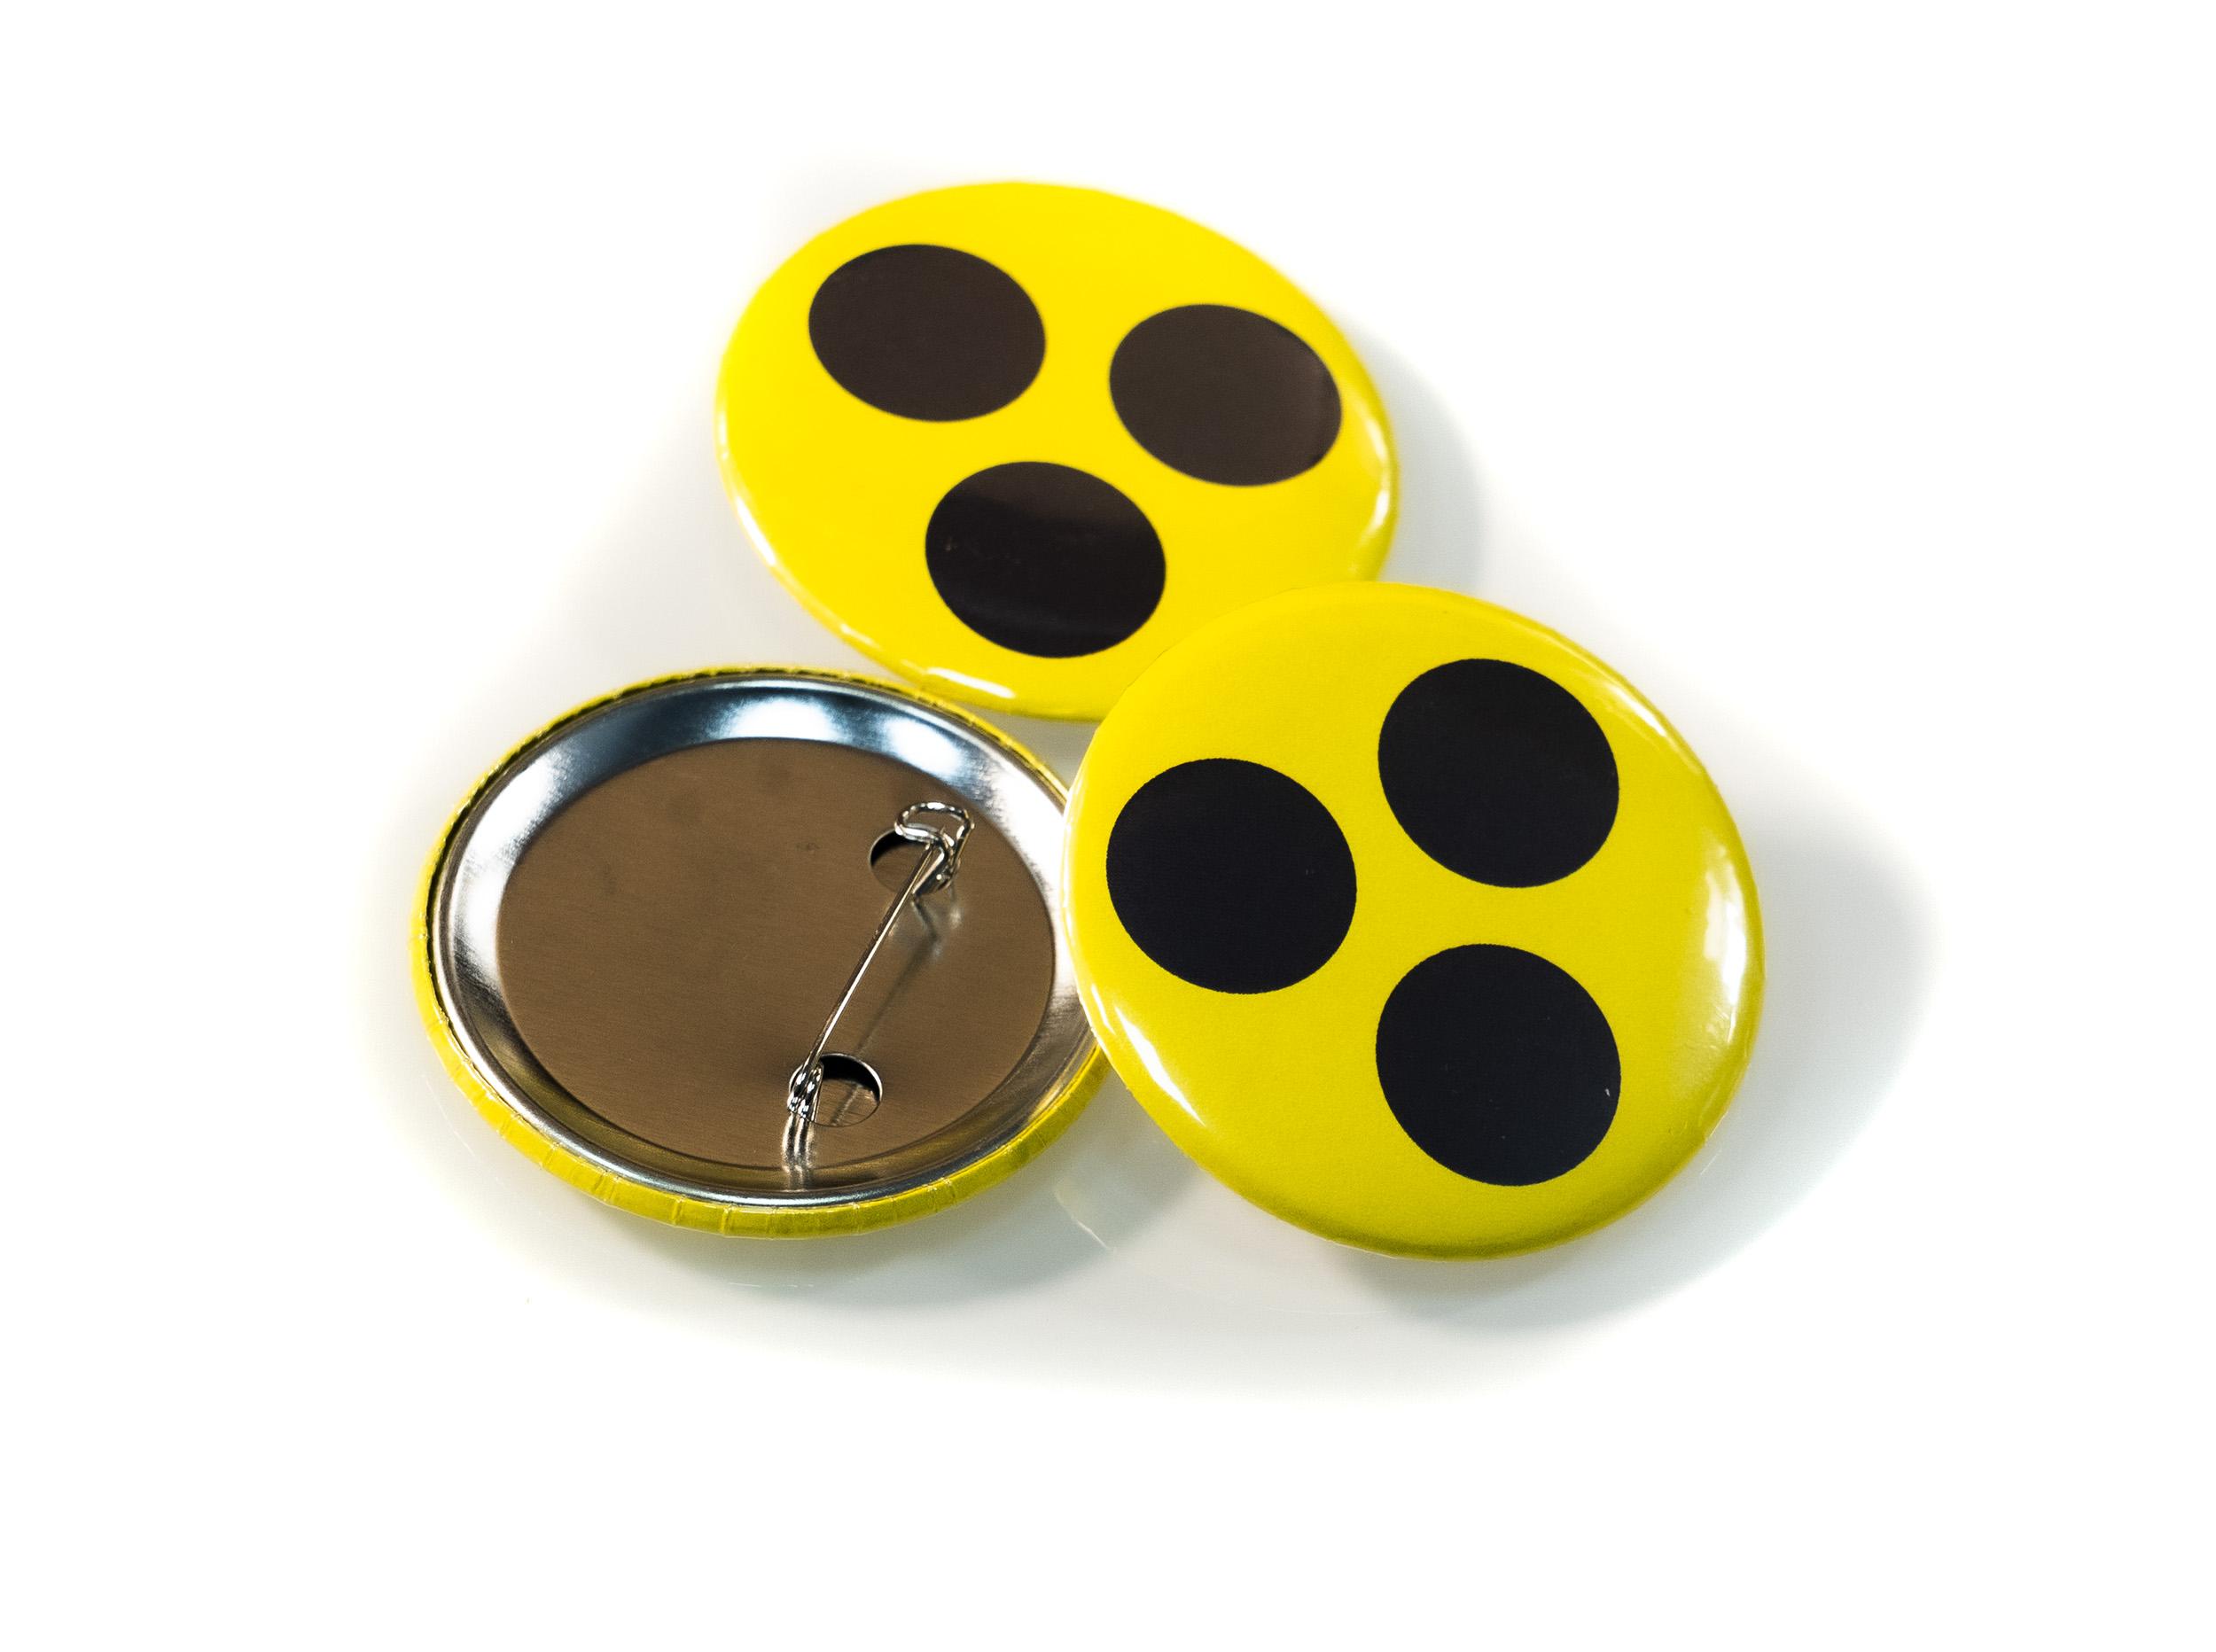 Blindenzeichen - Anstecker 3er Set Blindenplakette Button Neongelb für Blinde und Sehbehinderte Rund Ø ca. 5cm Ansteckpin Nadel